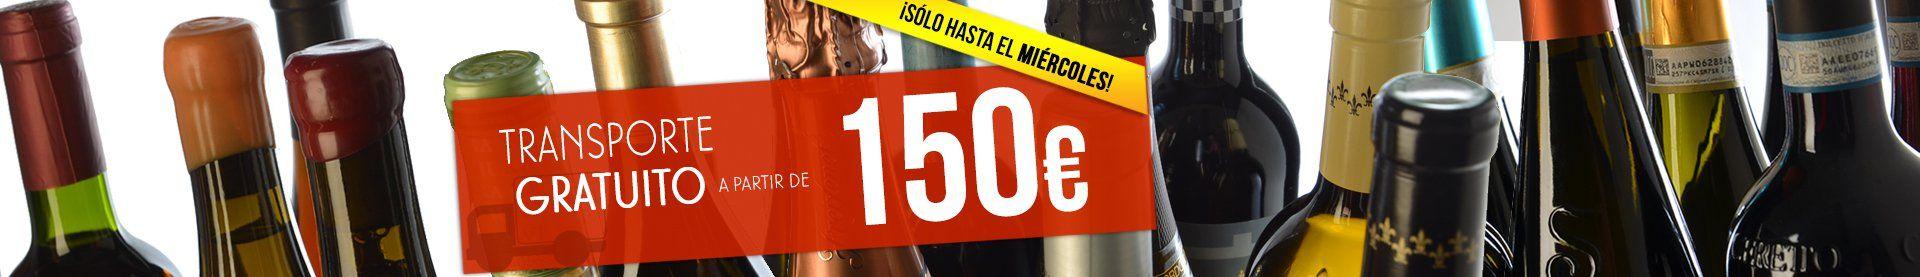 TRANSPORTE GRATUITO 150